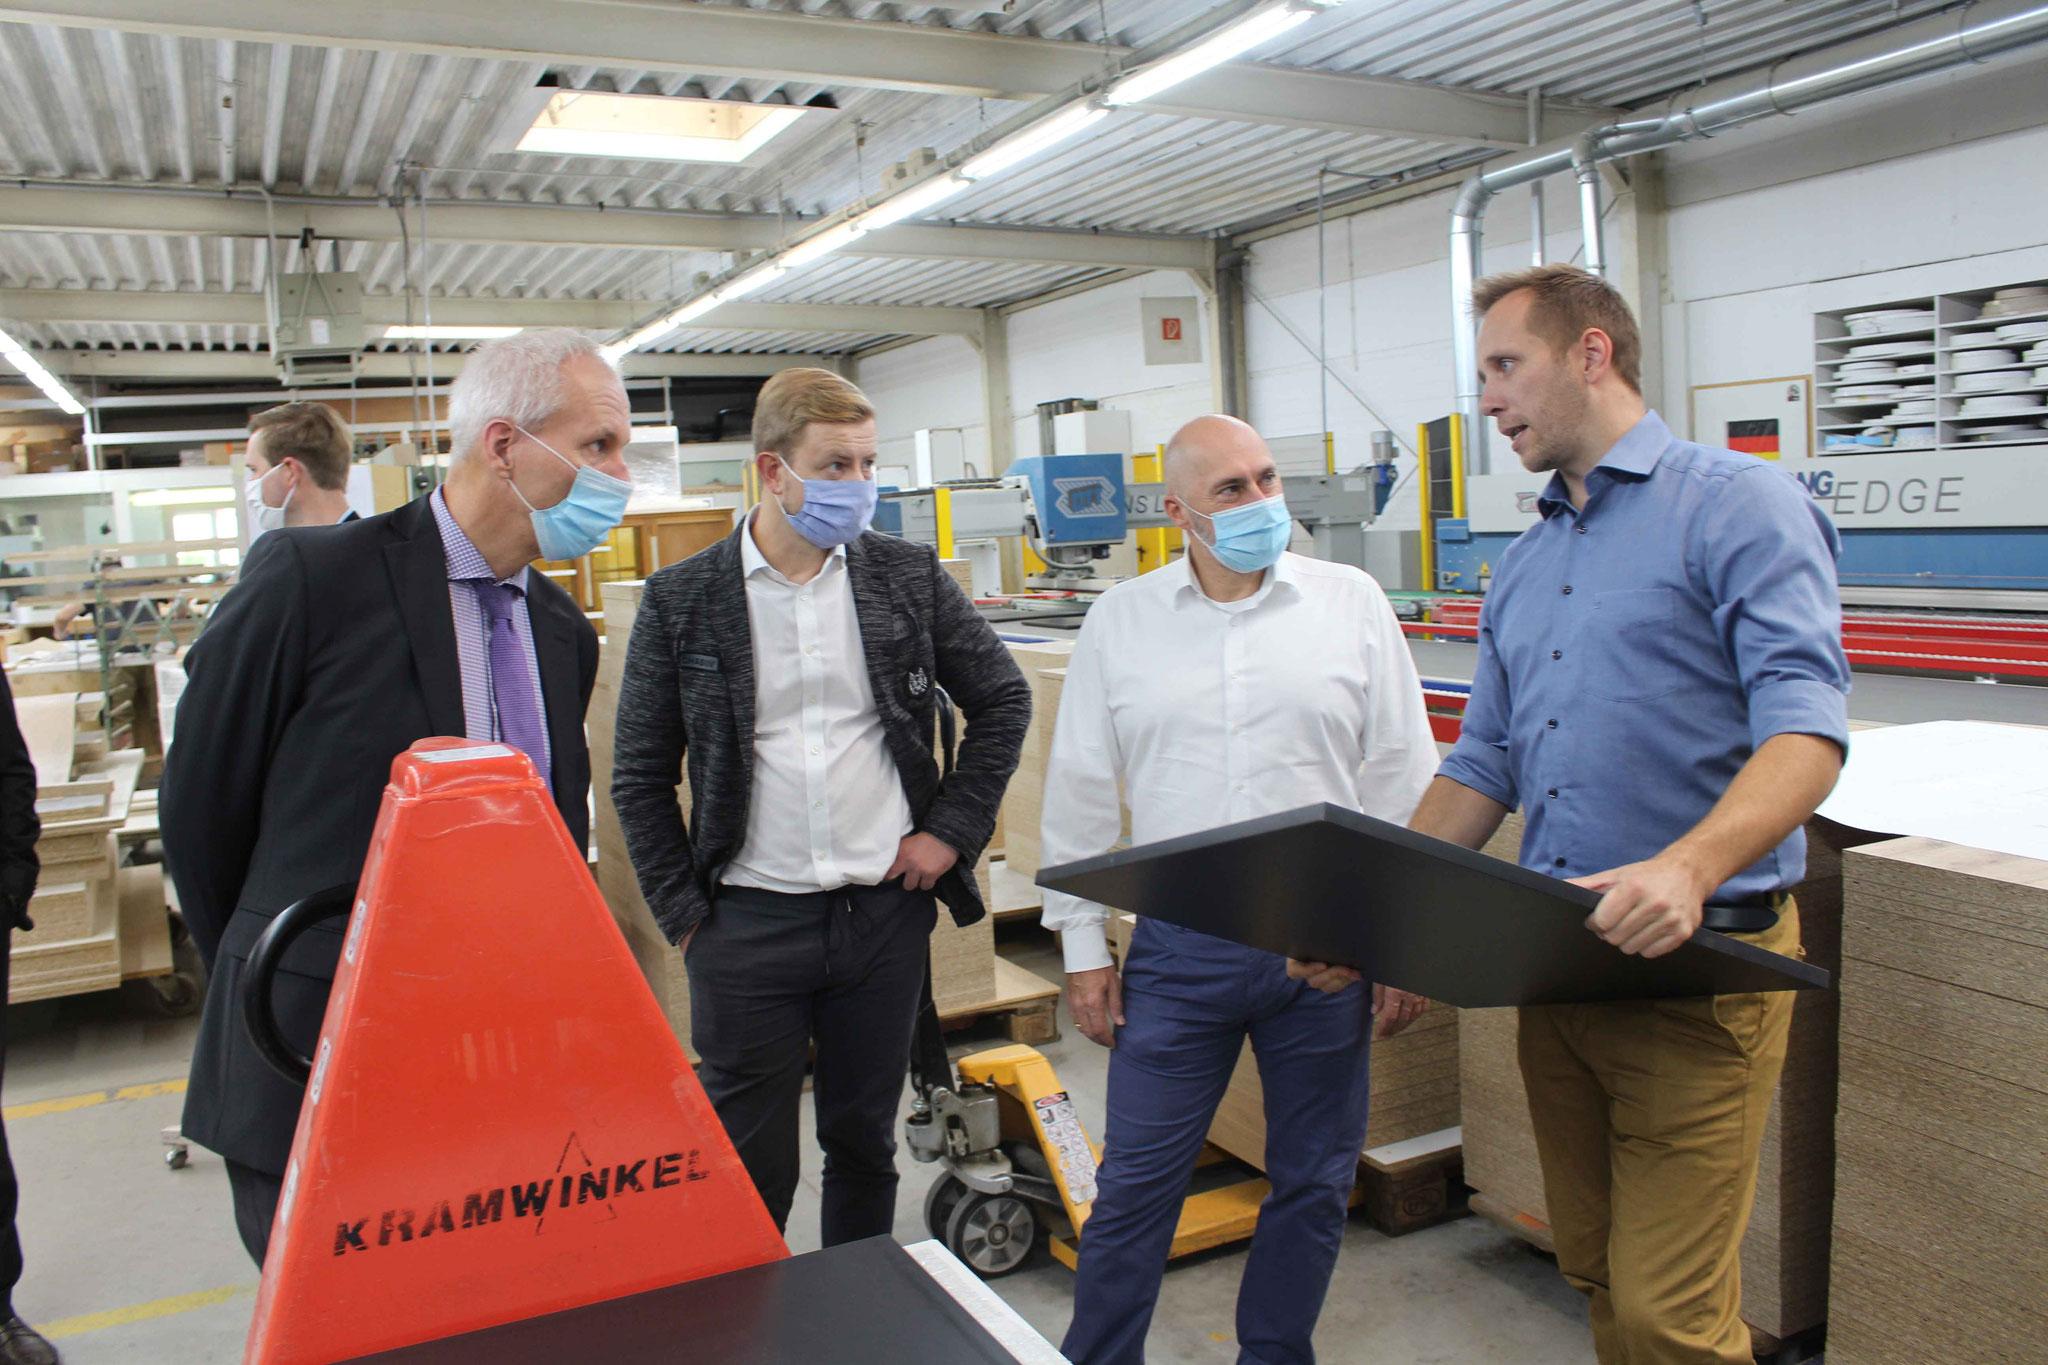 Bei der Heinrich Kramwinkel GmbH in Mühlheim führte Florian Kramwinkel (r.) die Gäste um den Fraktionsvorsitzenden René Rock (2.v.r.) durch die Produktion.